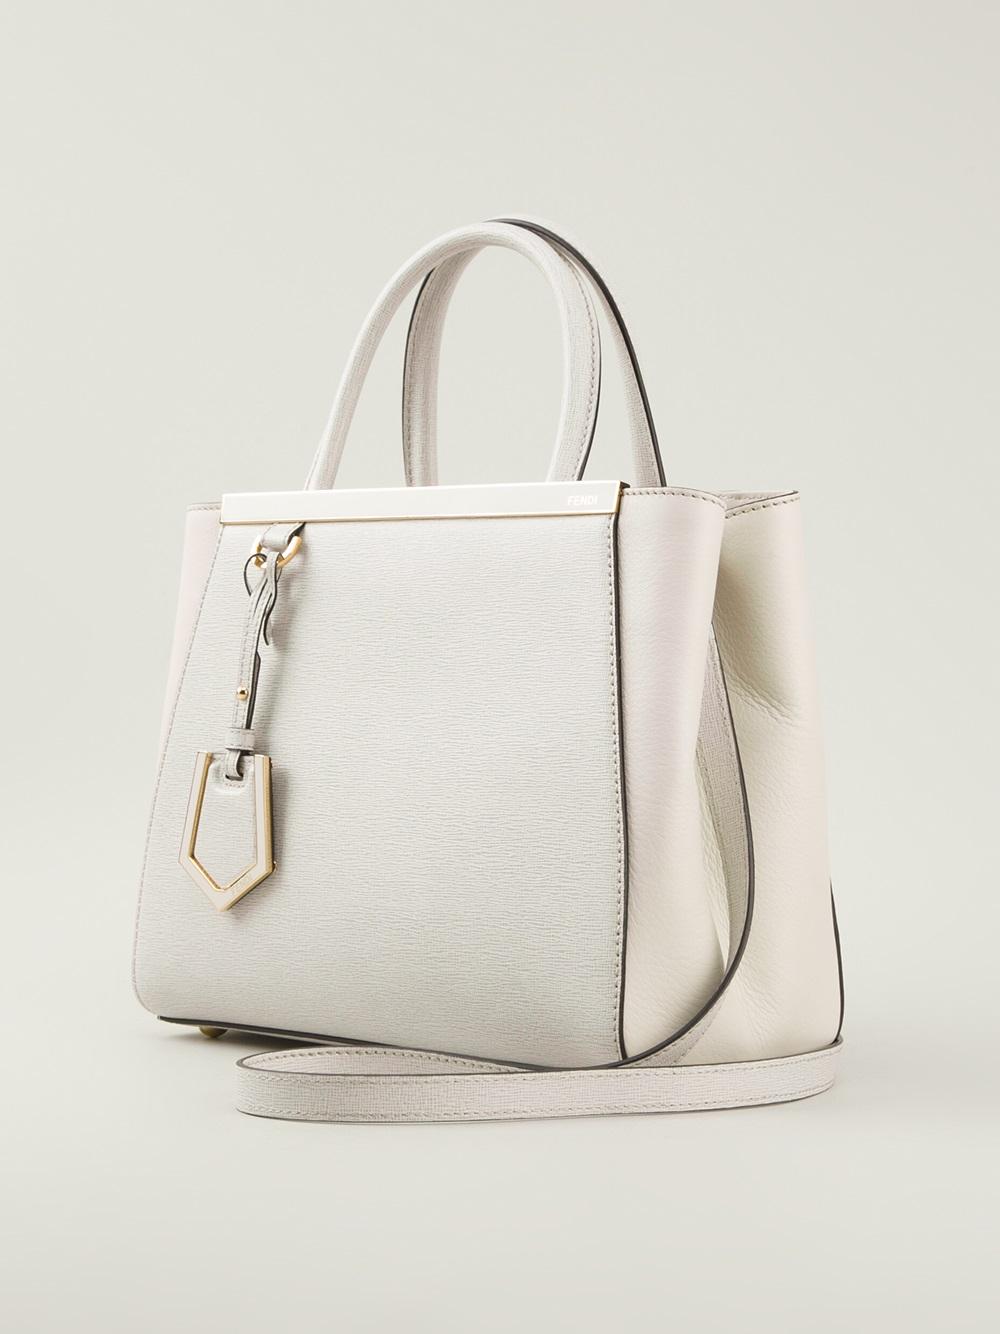 Lyst - Fendi 2jours Tote Bag in White 3f784f08fd4e9